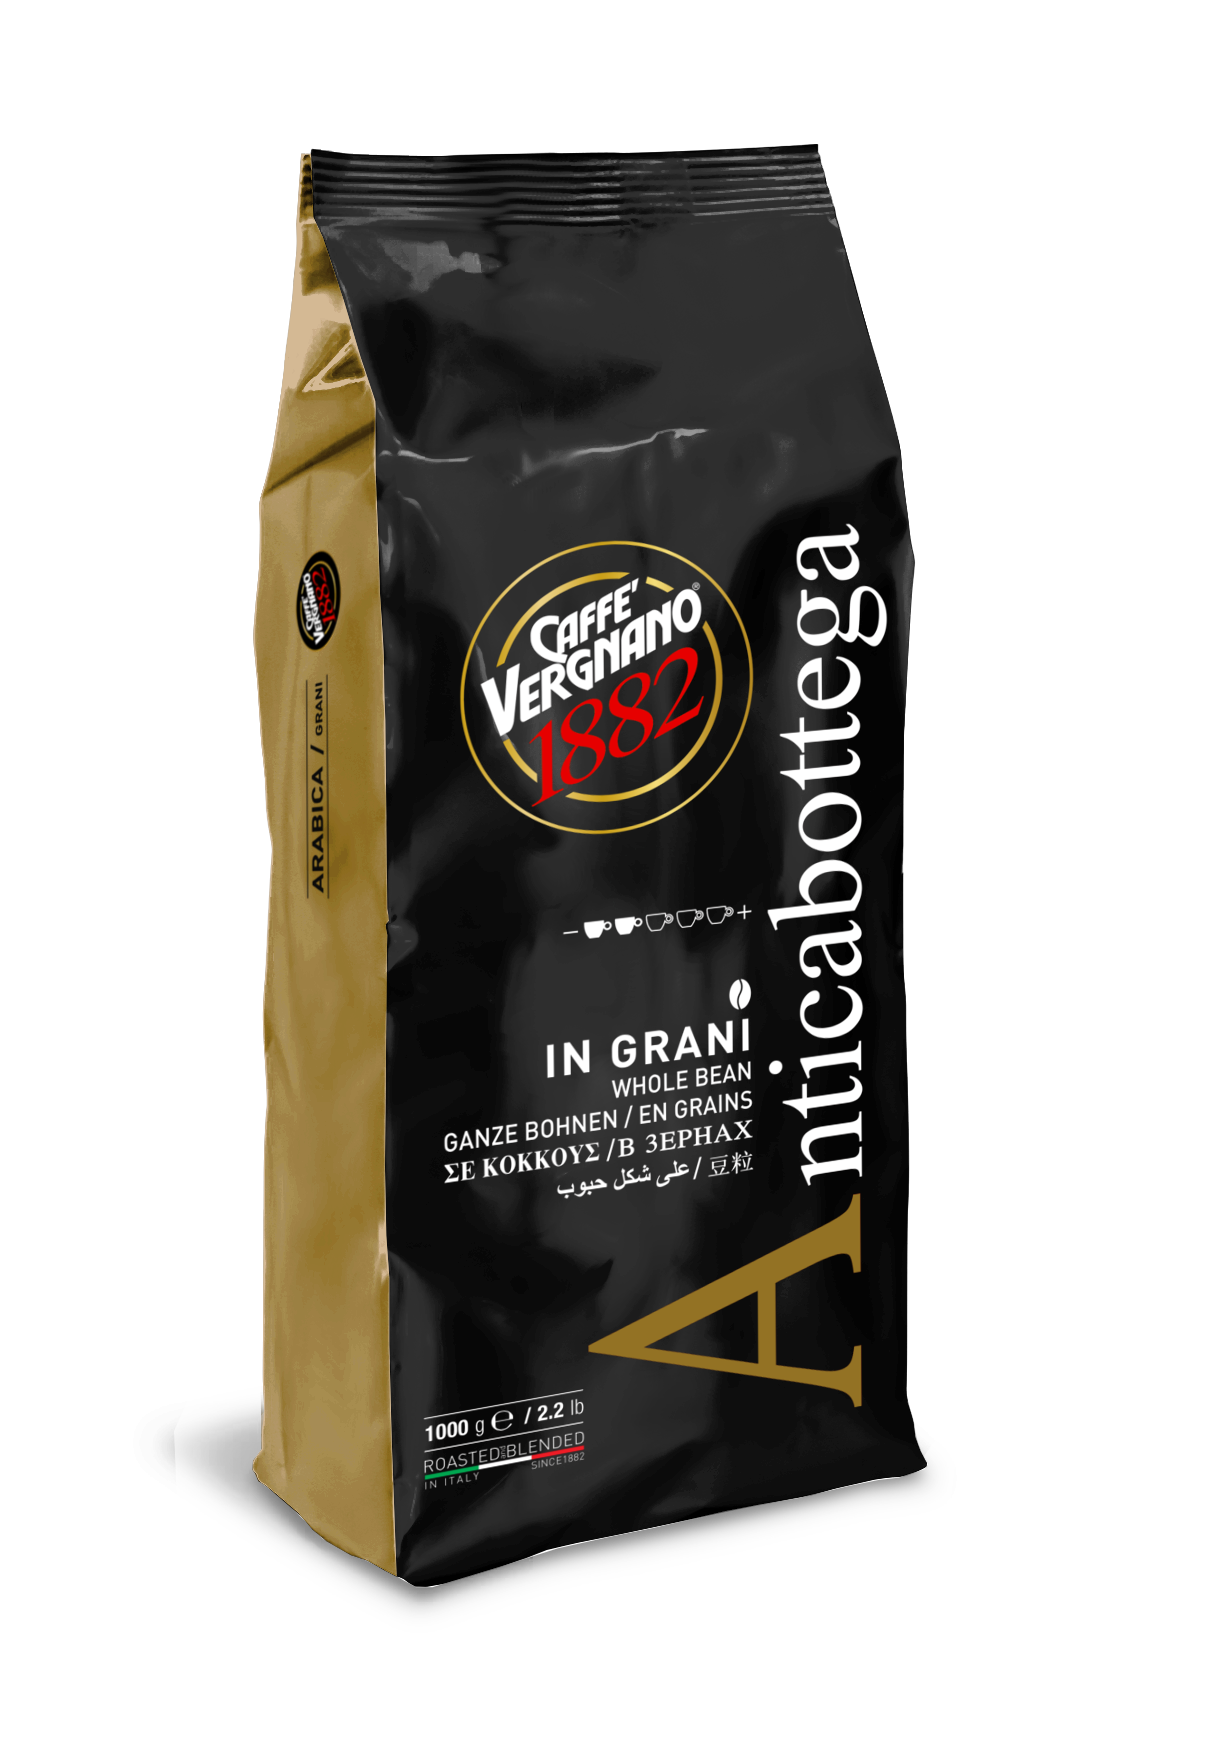 Кафе Vergnano Антика Ботега 1 кг. на зърна